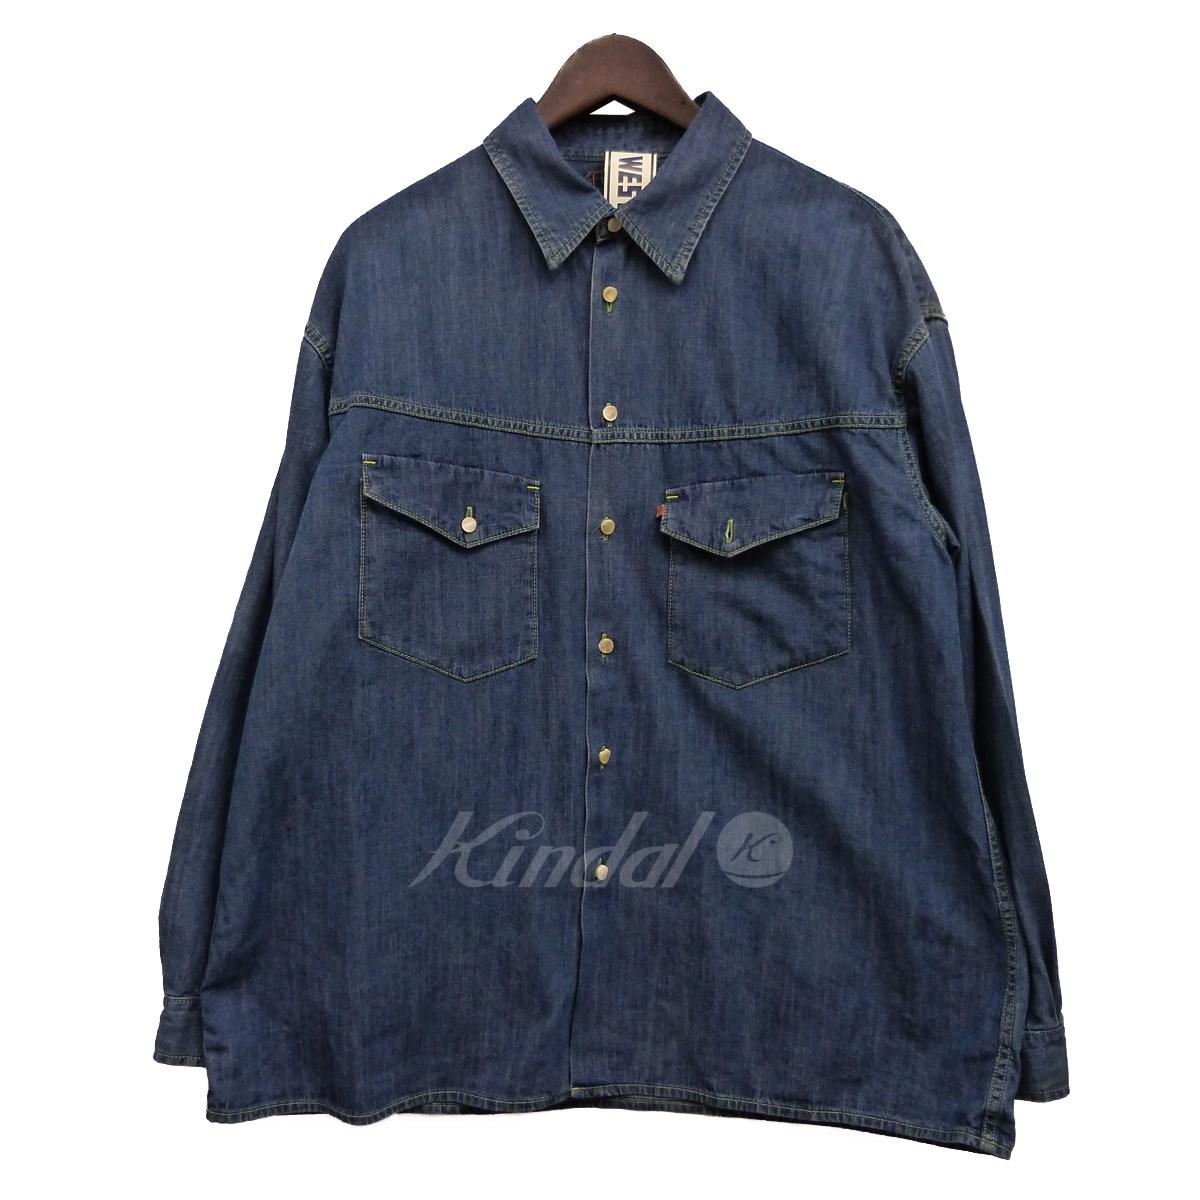 【中古】WESTOVERALLS 19SS デニムシャツ インディゴ サイズ:F 【130519】(ウエストオーバーオールズ)